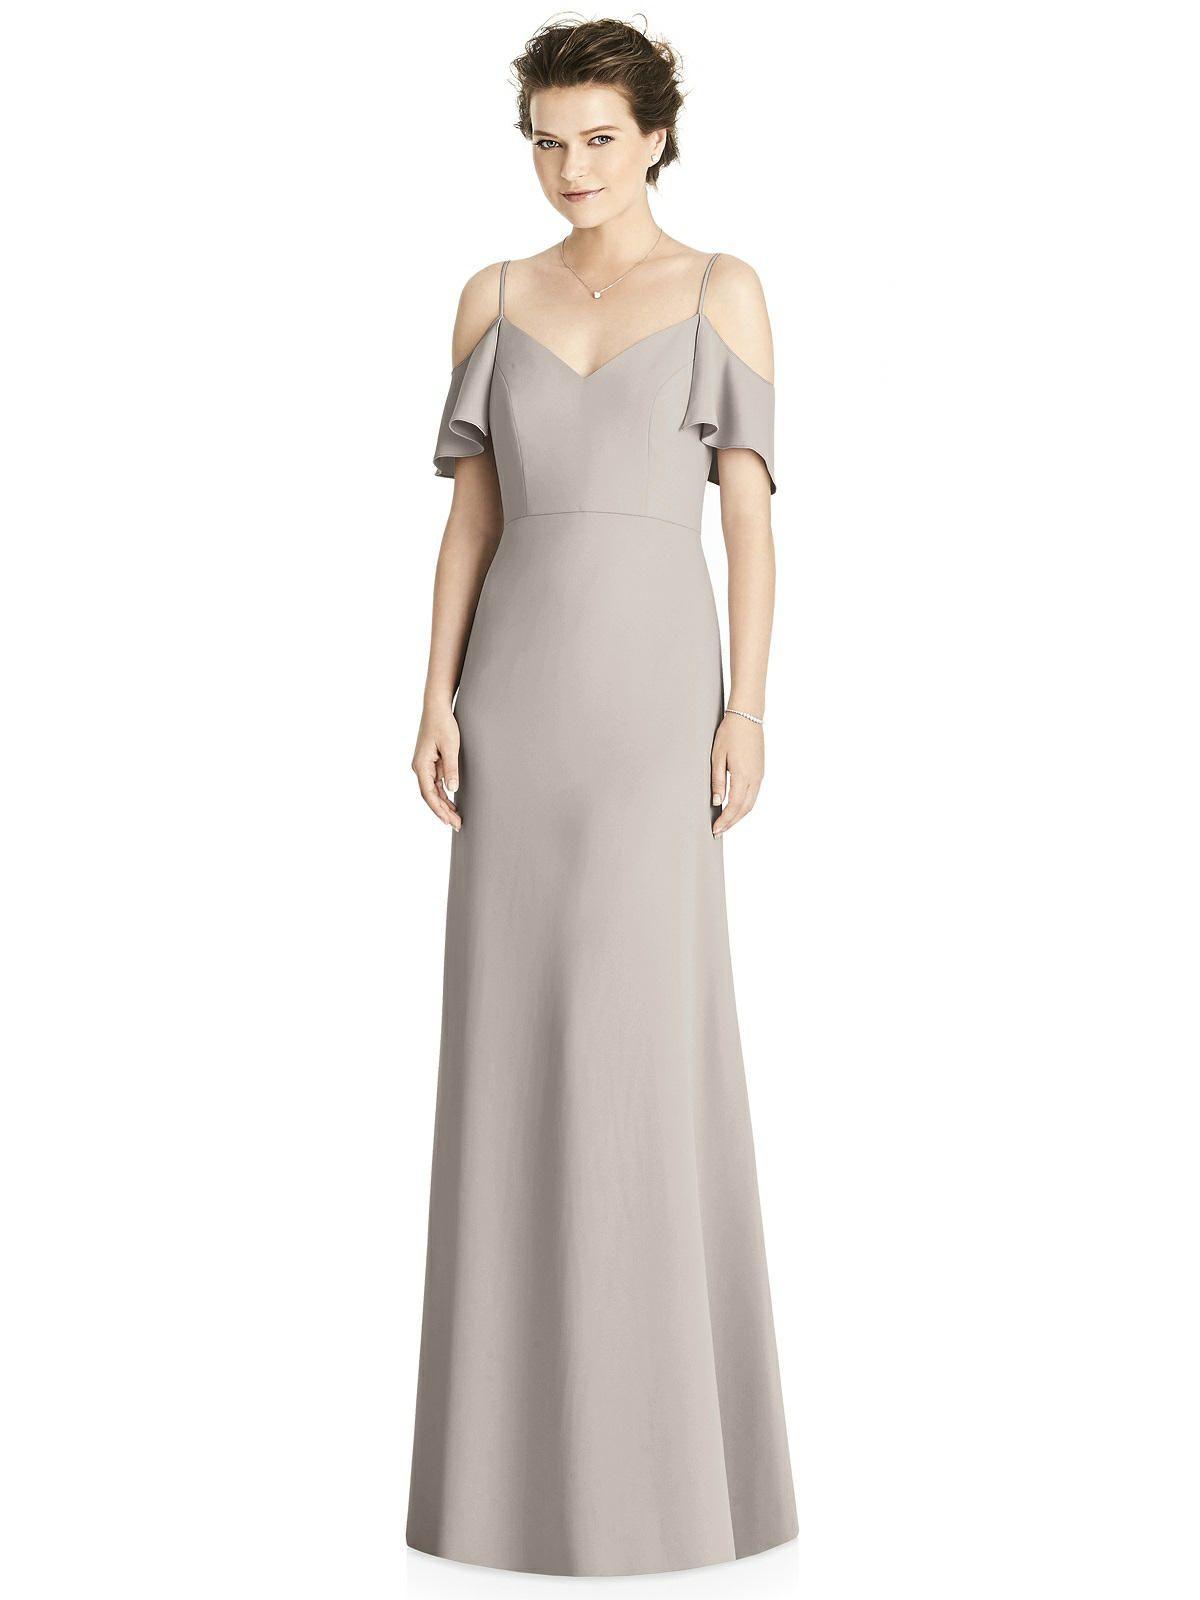 279f3398c78 Jenny Yoo Bridesmaid Dresses Sizing - Data Dynamic AG